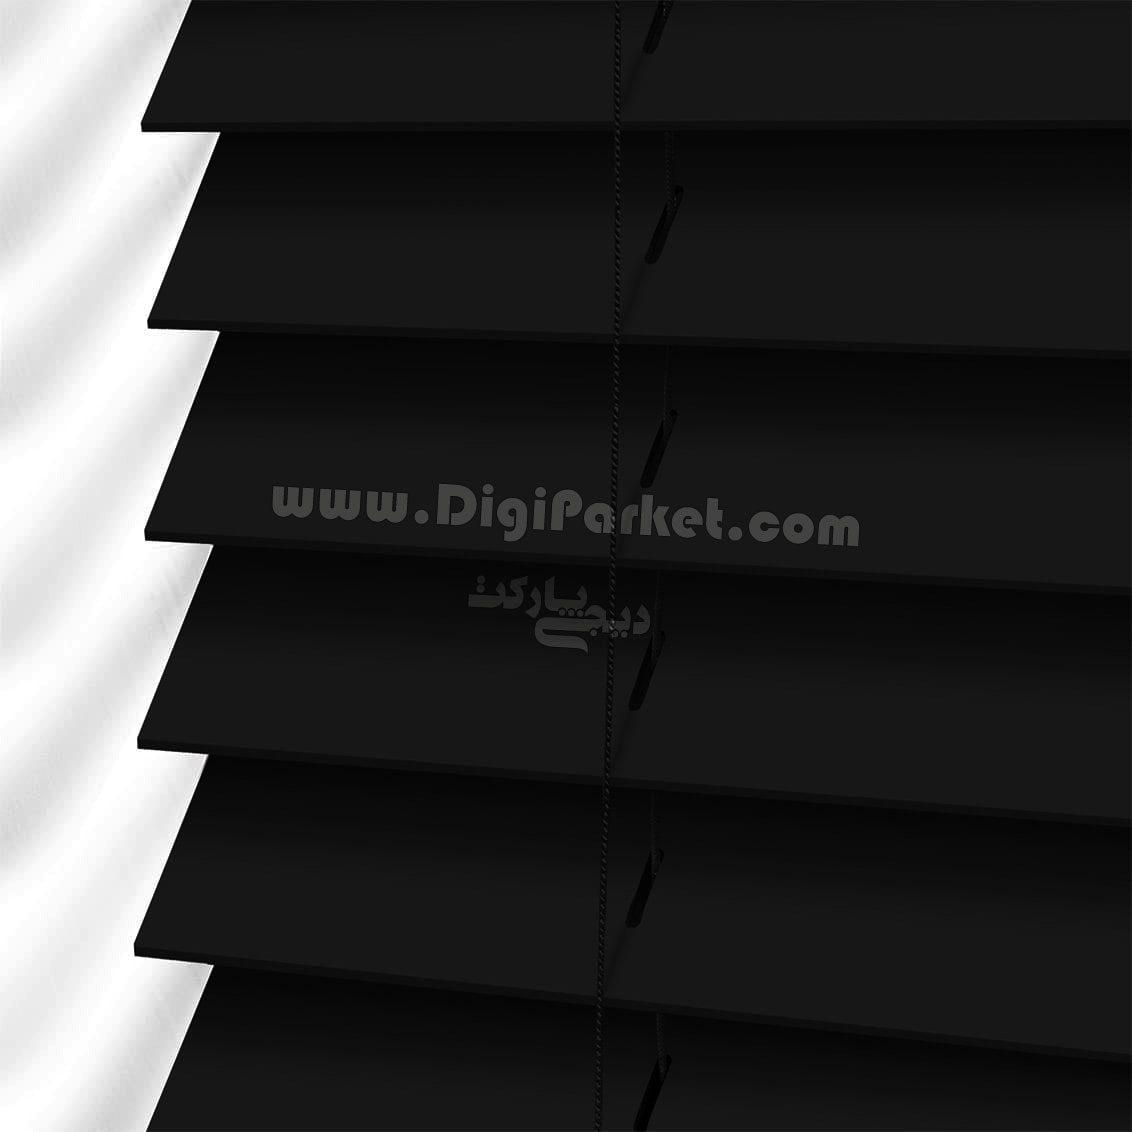 پرده کرکره چوبی سیاه رنگ  خوش سایه